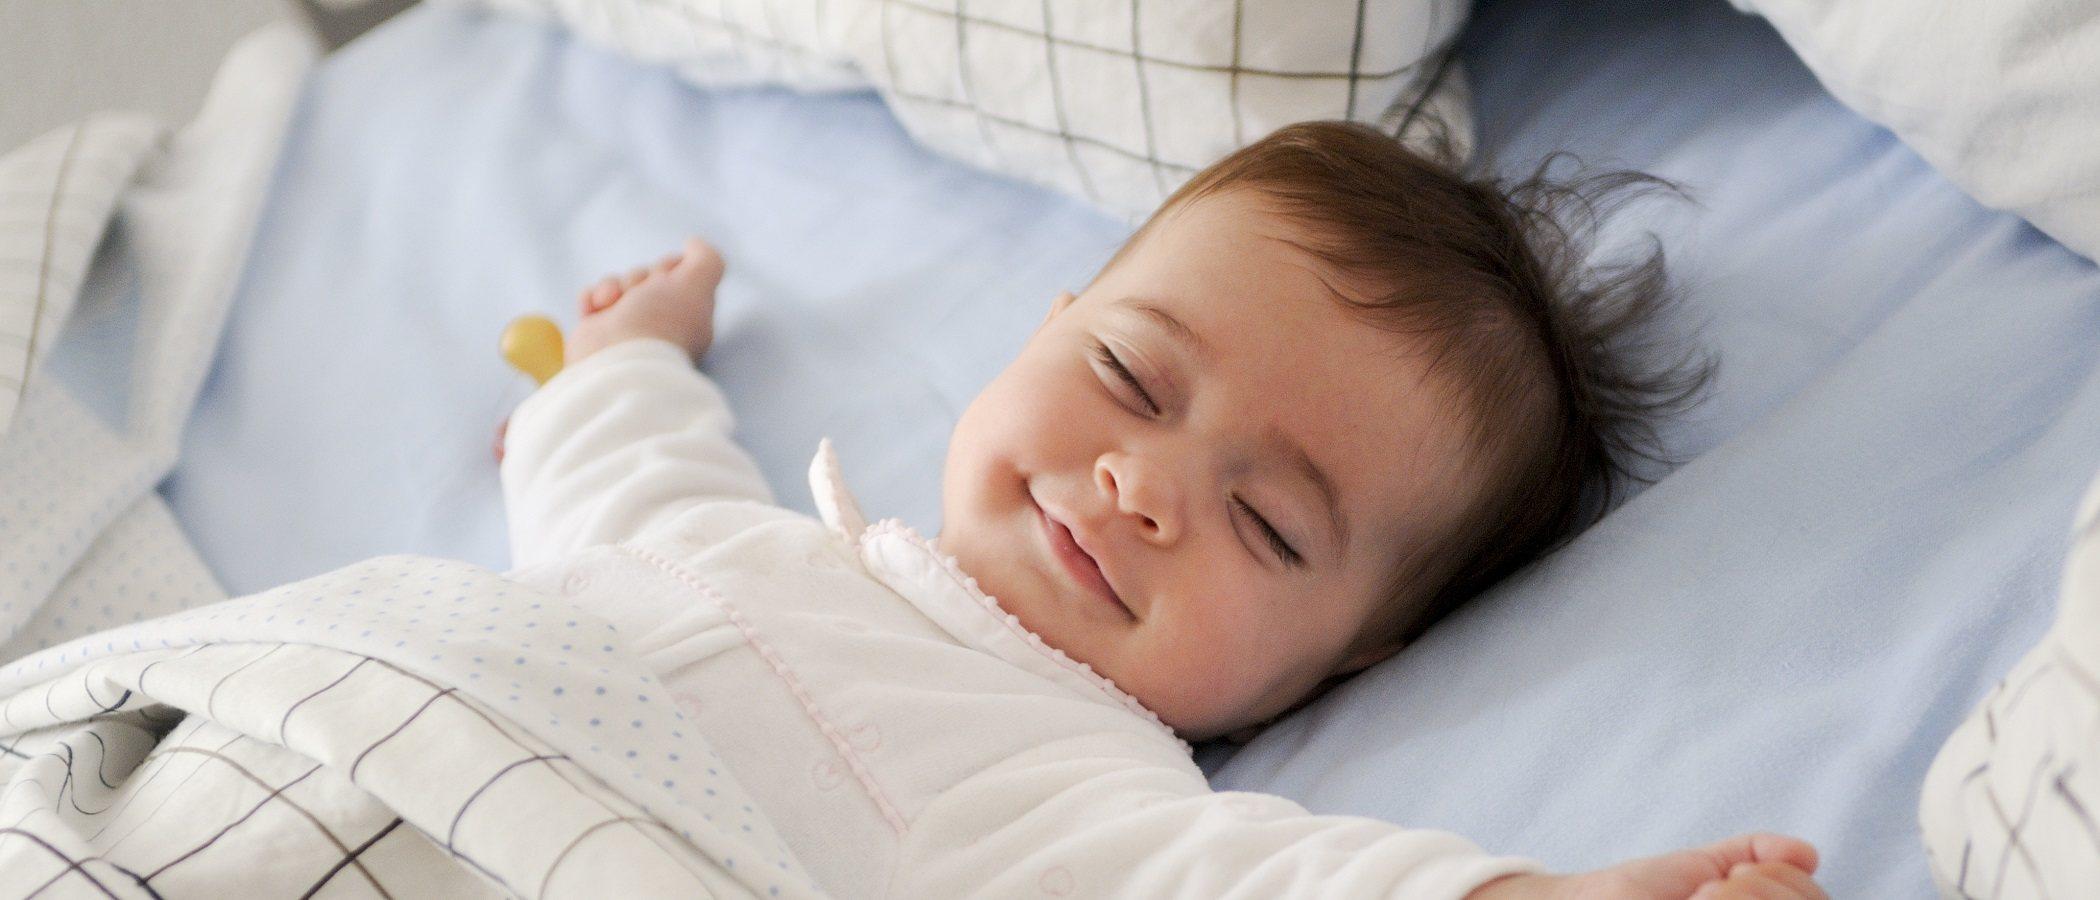 Por qué un bebé da patadas y se mueve mucho mientras duerme